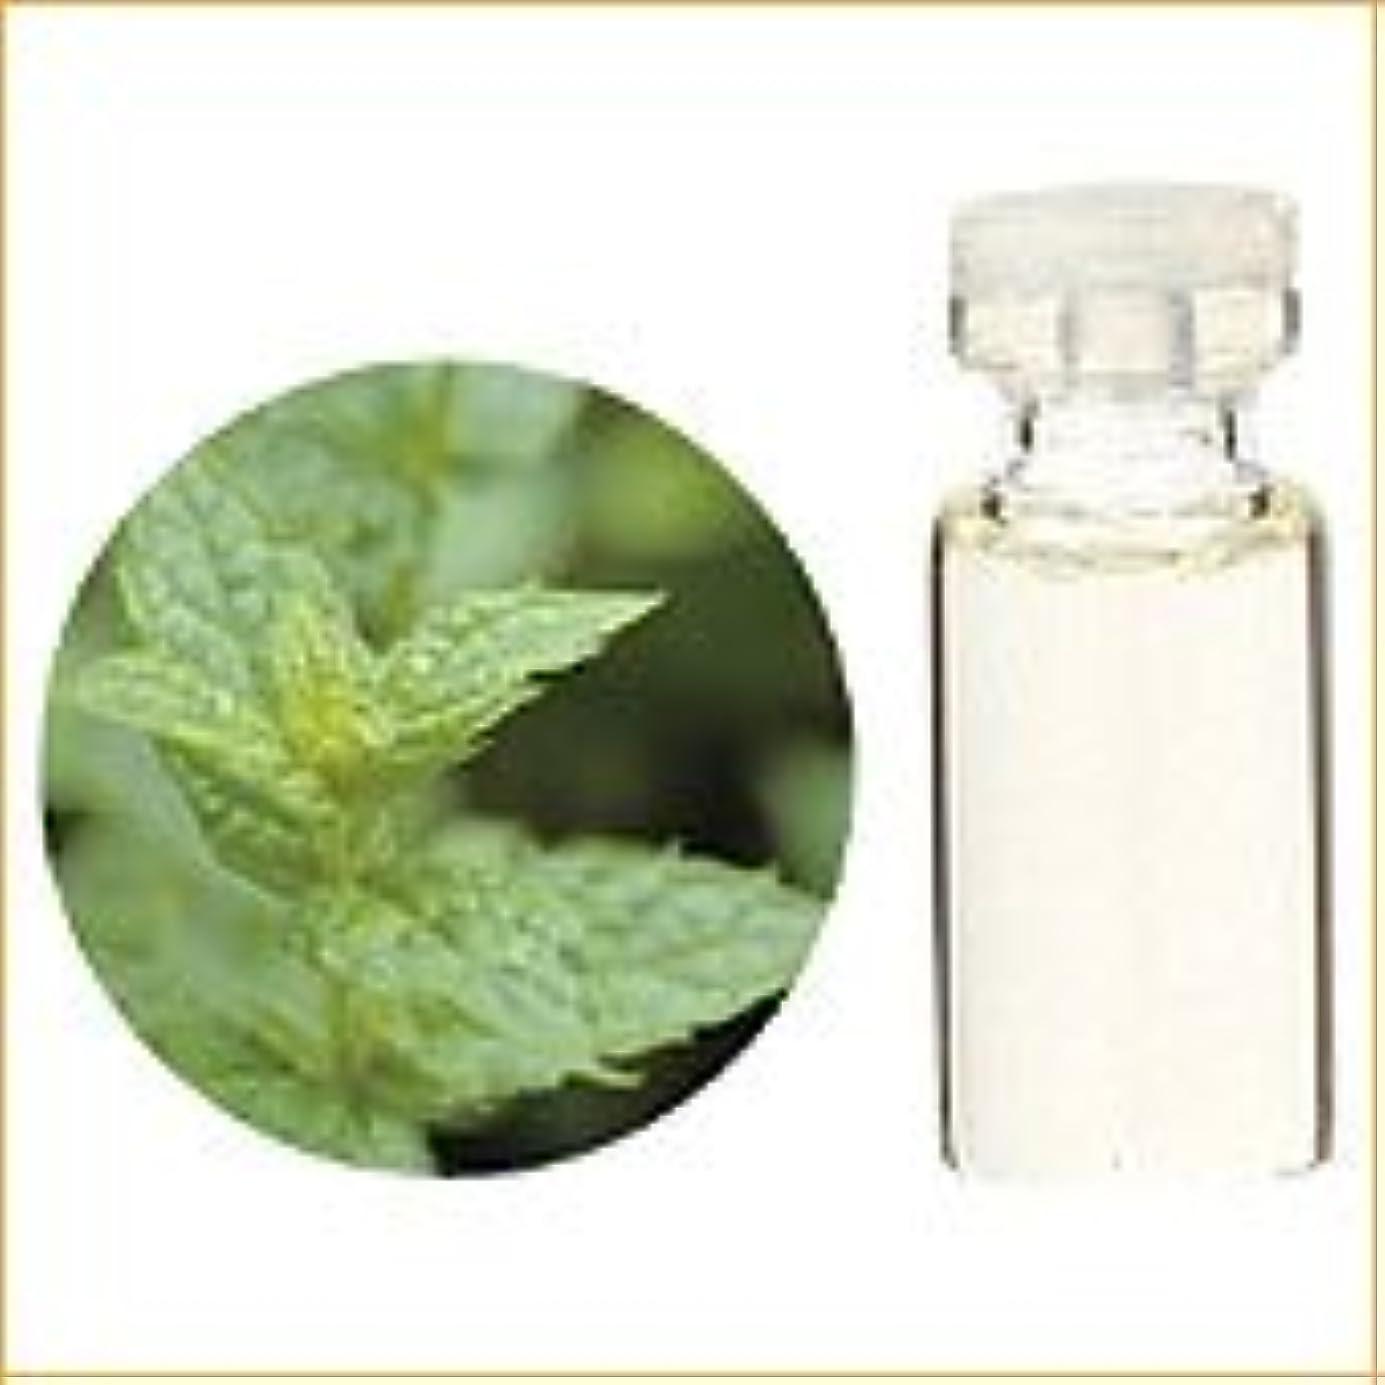 証明書素敵な整理する生活の木 アロマオイル スペアミント 精油 10ml (Tree of Life Essential Oil/エッセンシャルオイル)